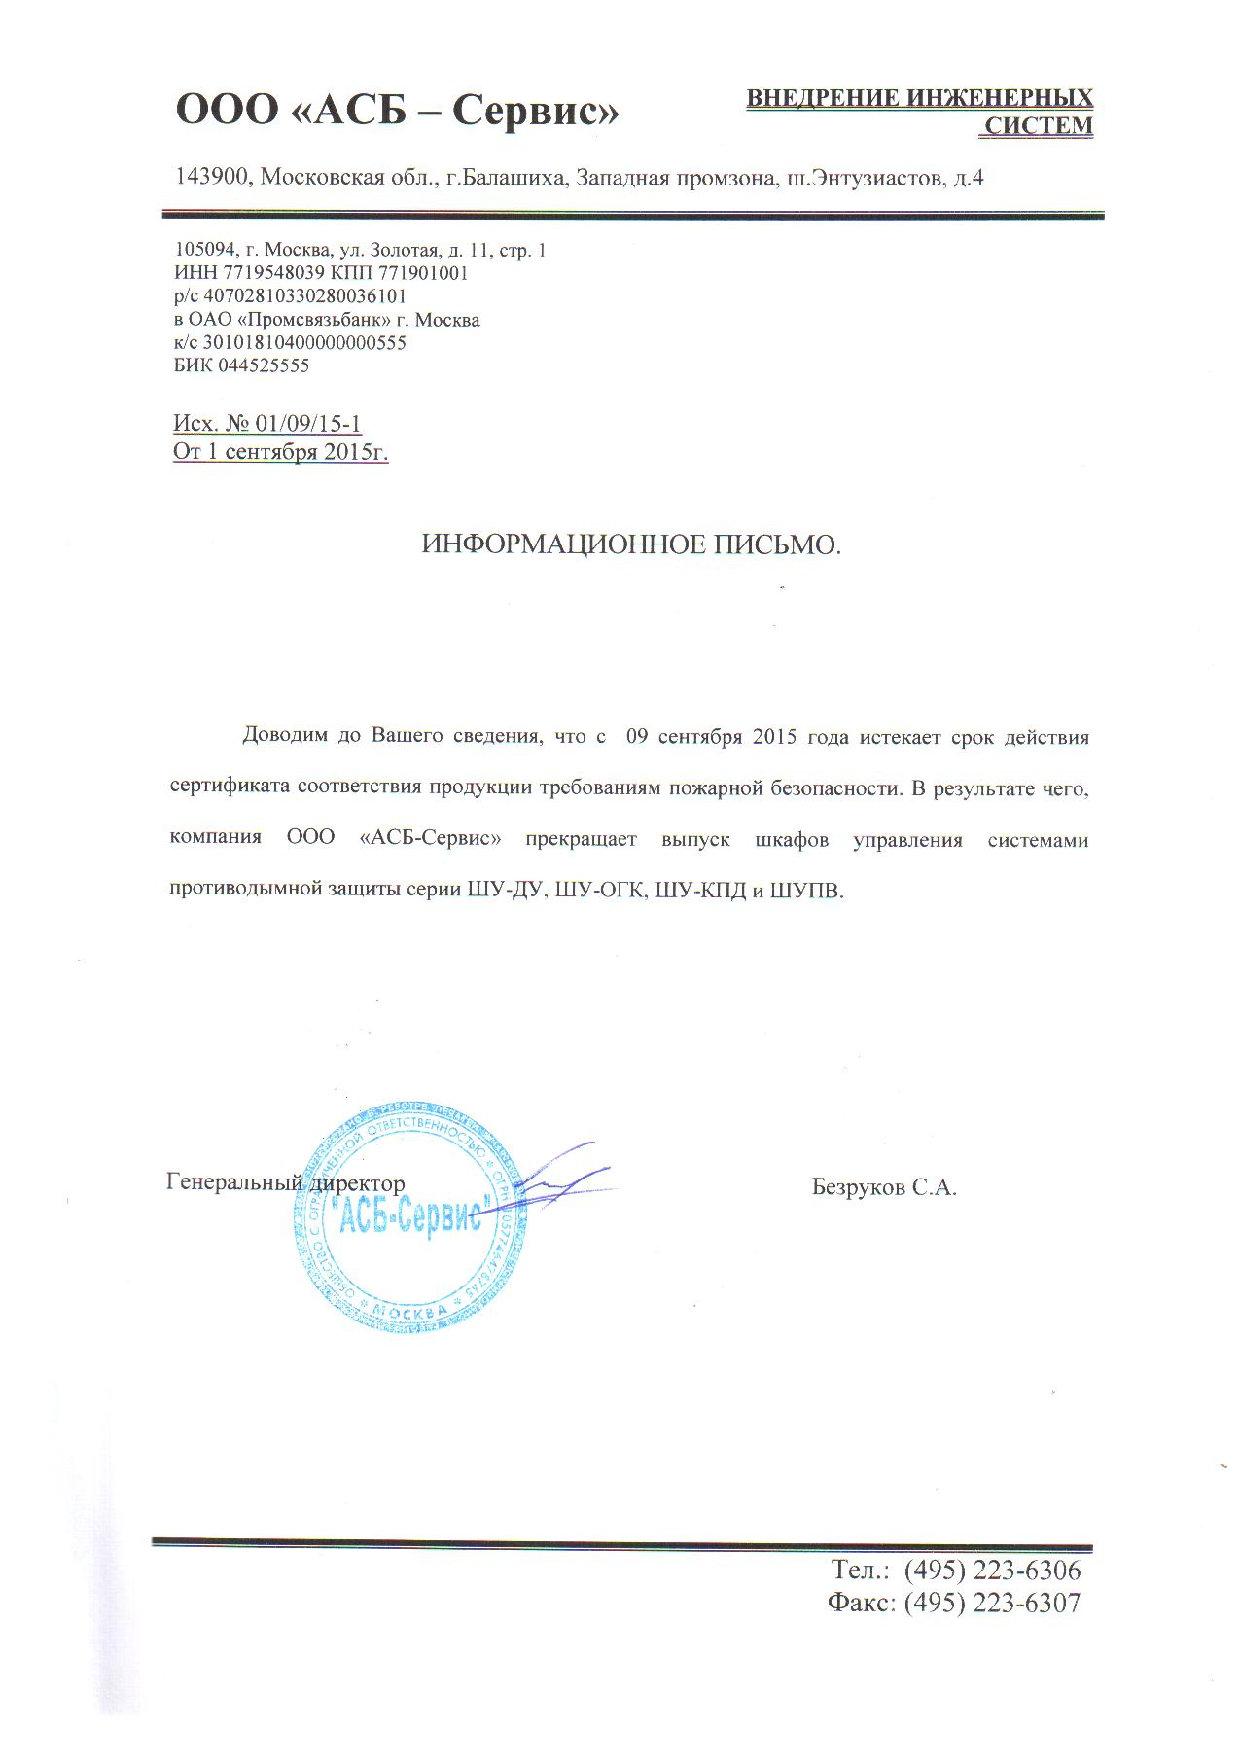 Письмо АСБ-Сервис